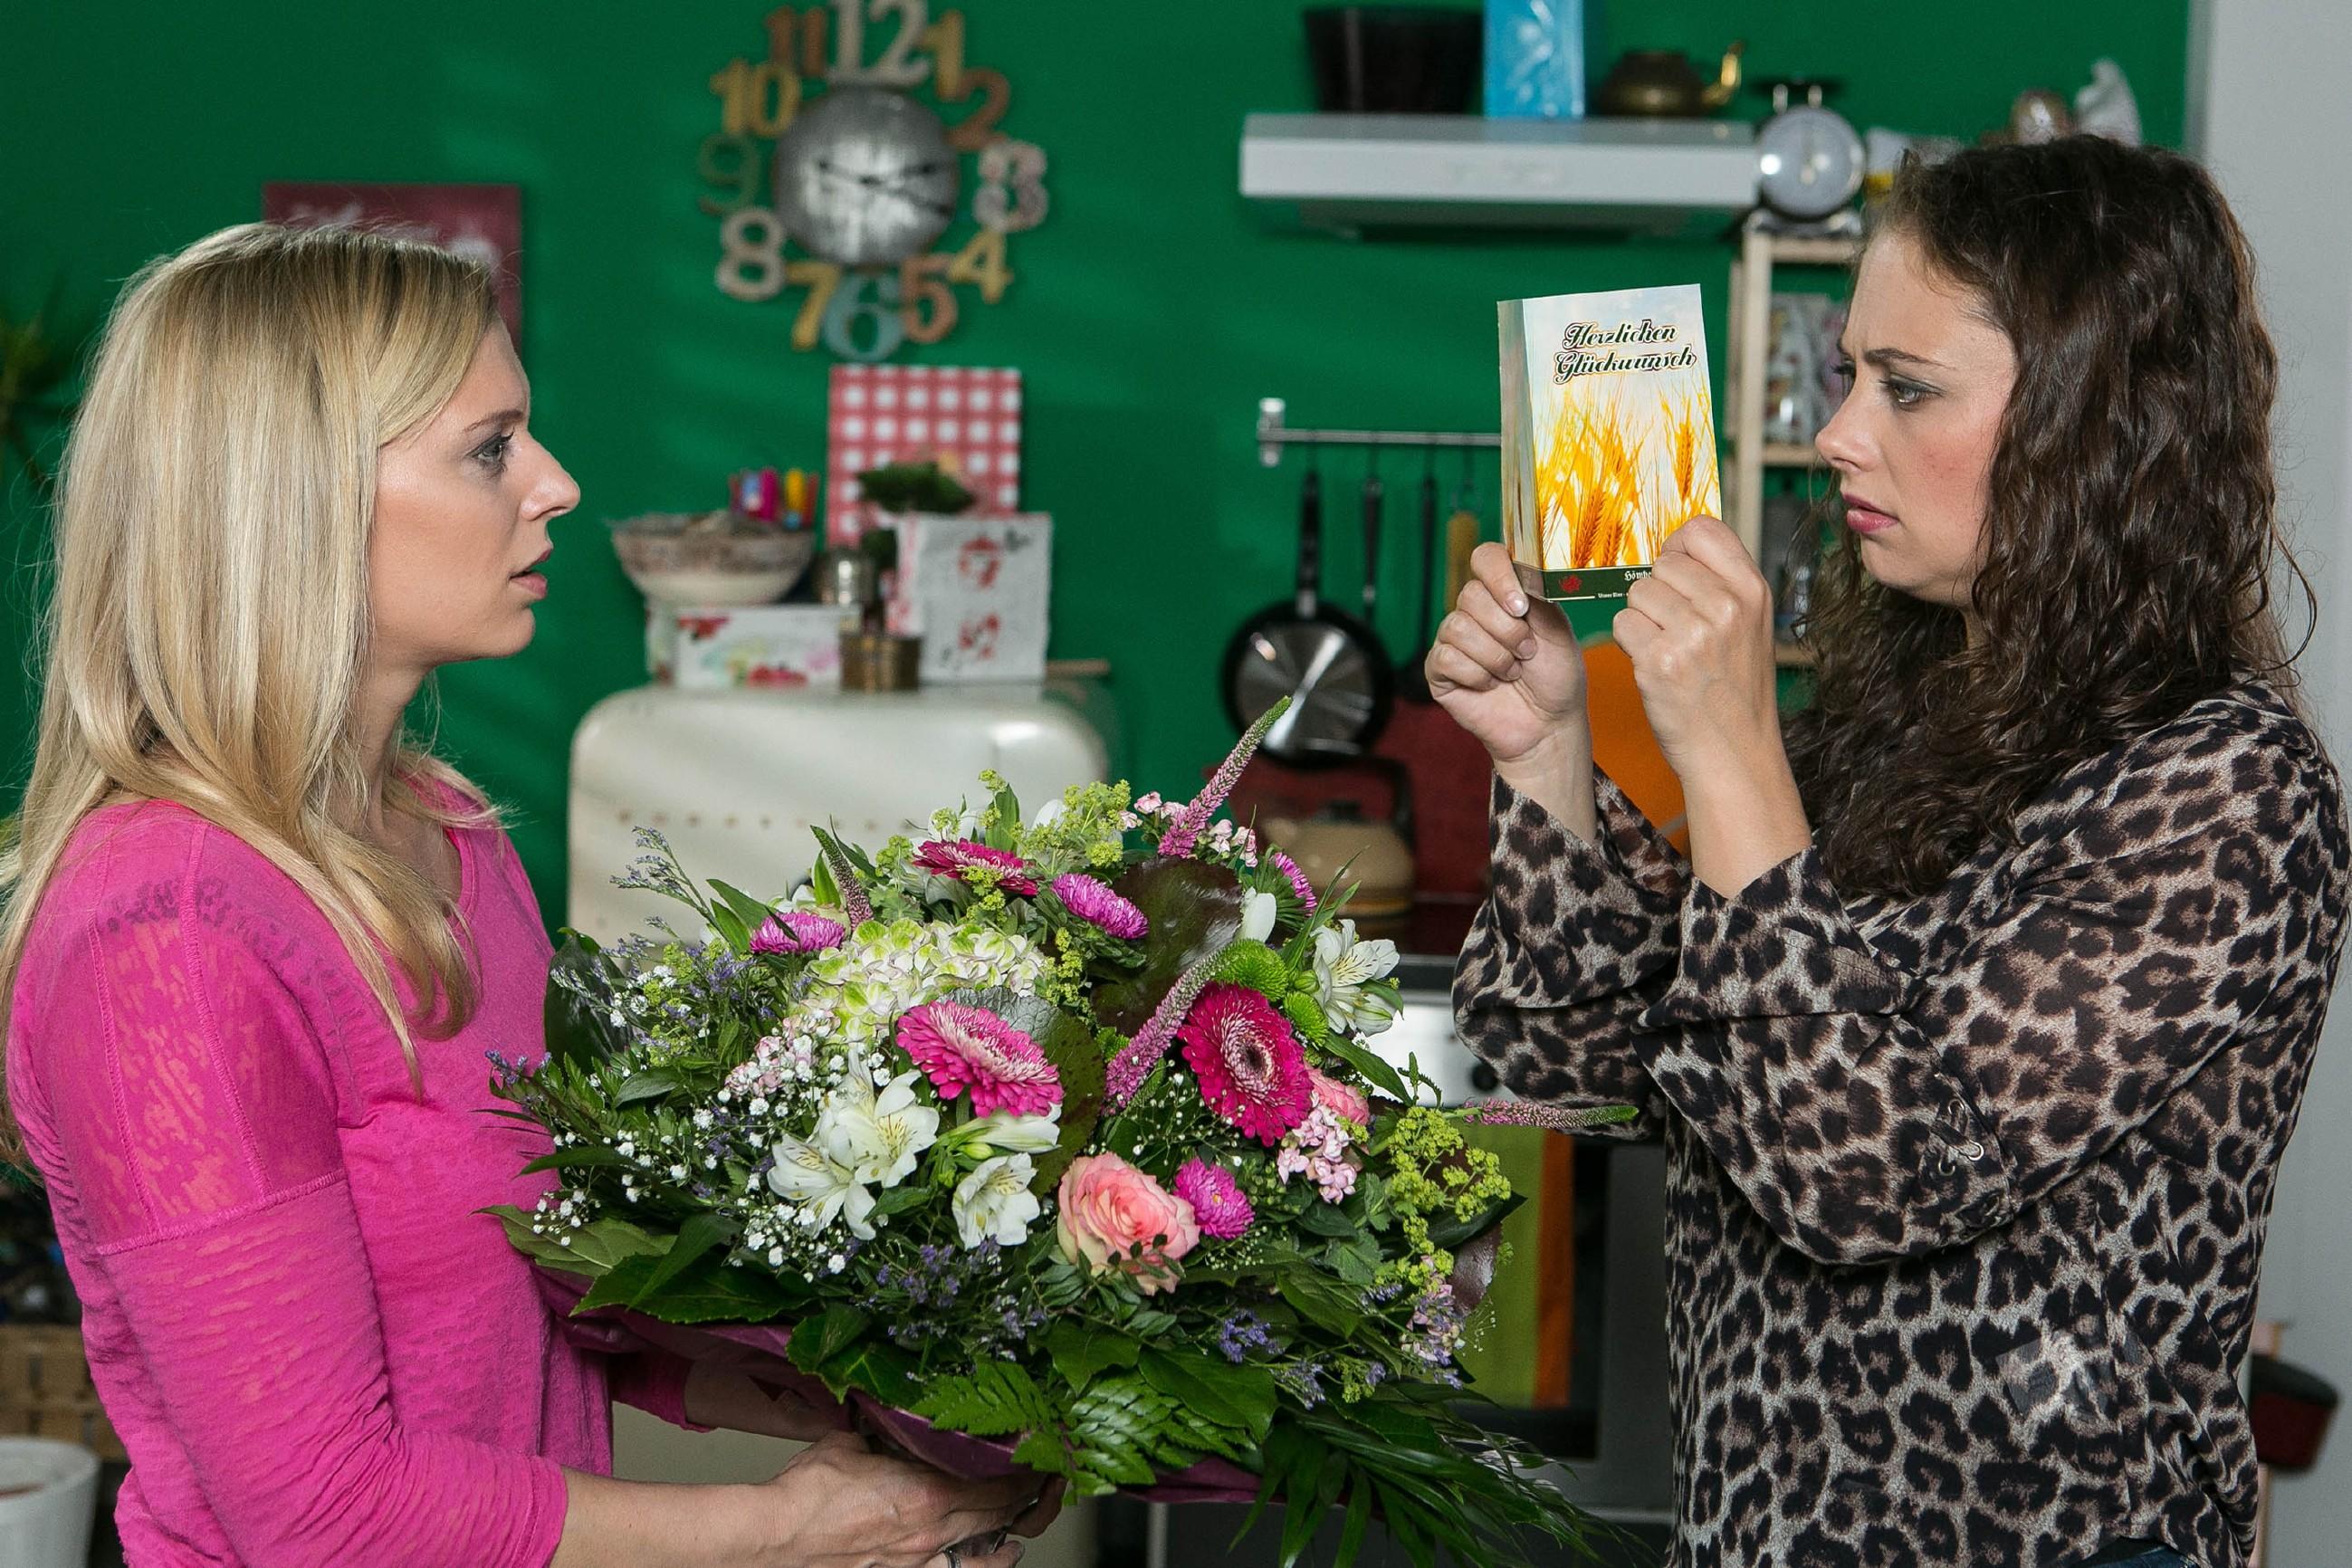 Als Lena (Juliette Greco, l.) Carmen (Heike Warmuth) zum Geburtstag gratuliert, sieht diese ihrer Geburtstagsparty mit gemischten Gefühlen entgegen. (Quelle: RTL / Kai Schulz)